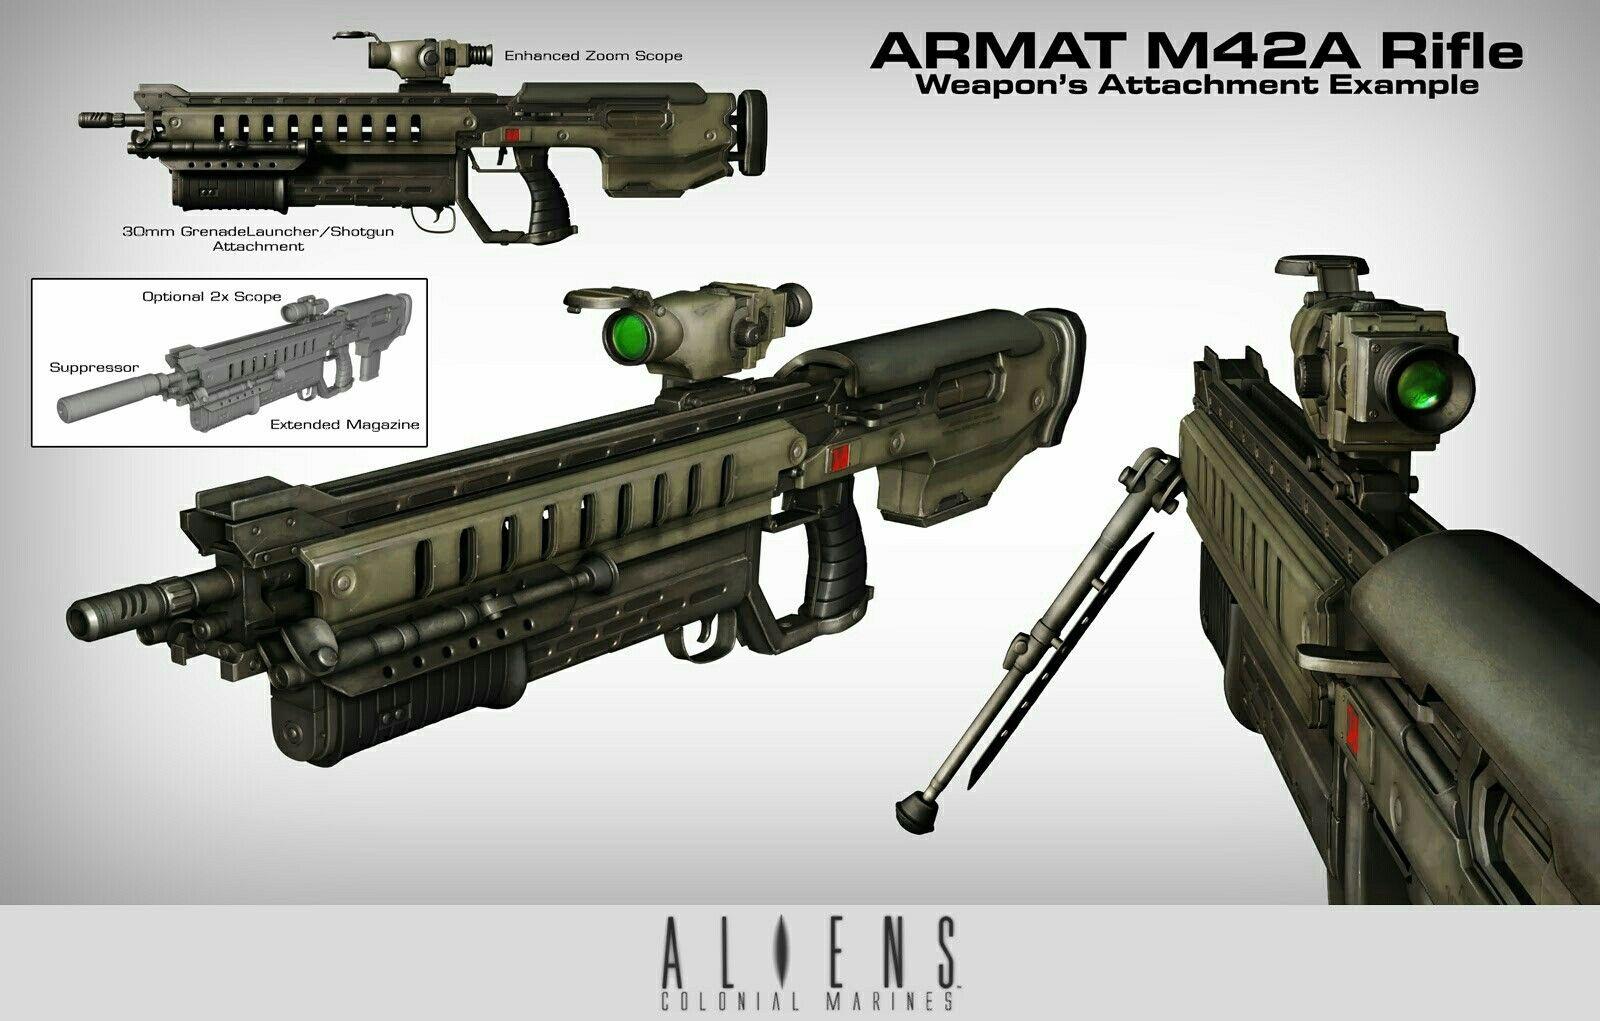 Pin de SuperSuSliK en Guns | Pinterest | Armas del futuro y Armas